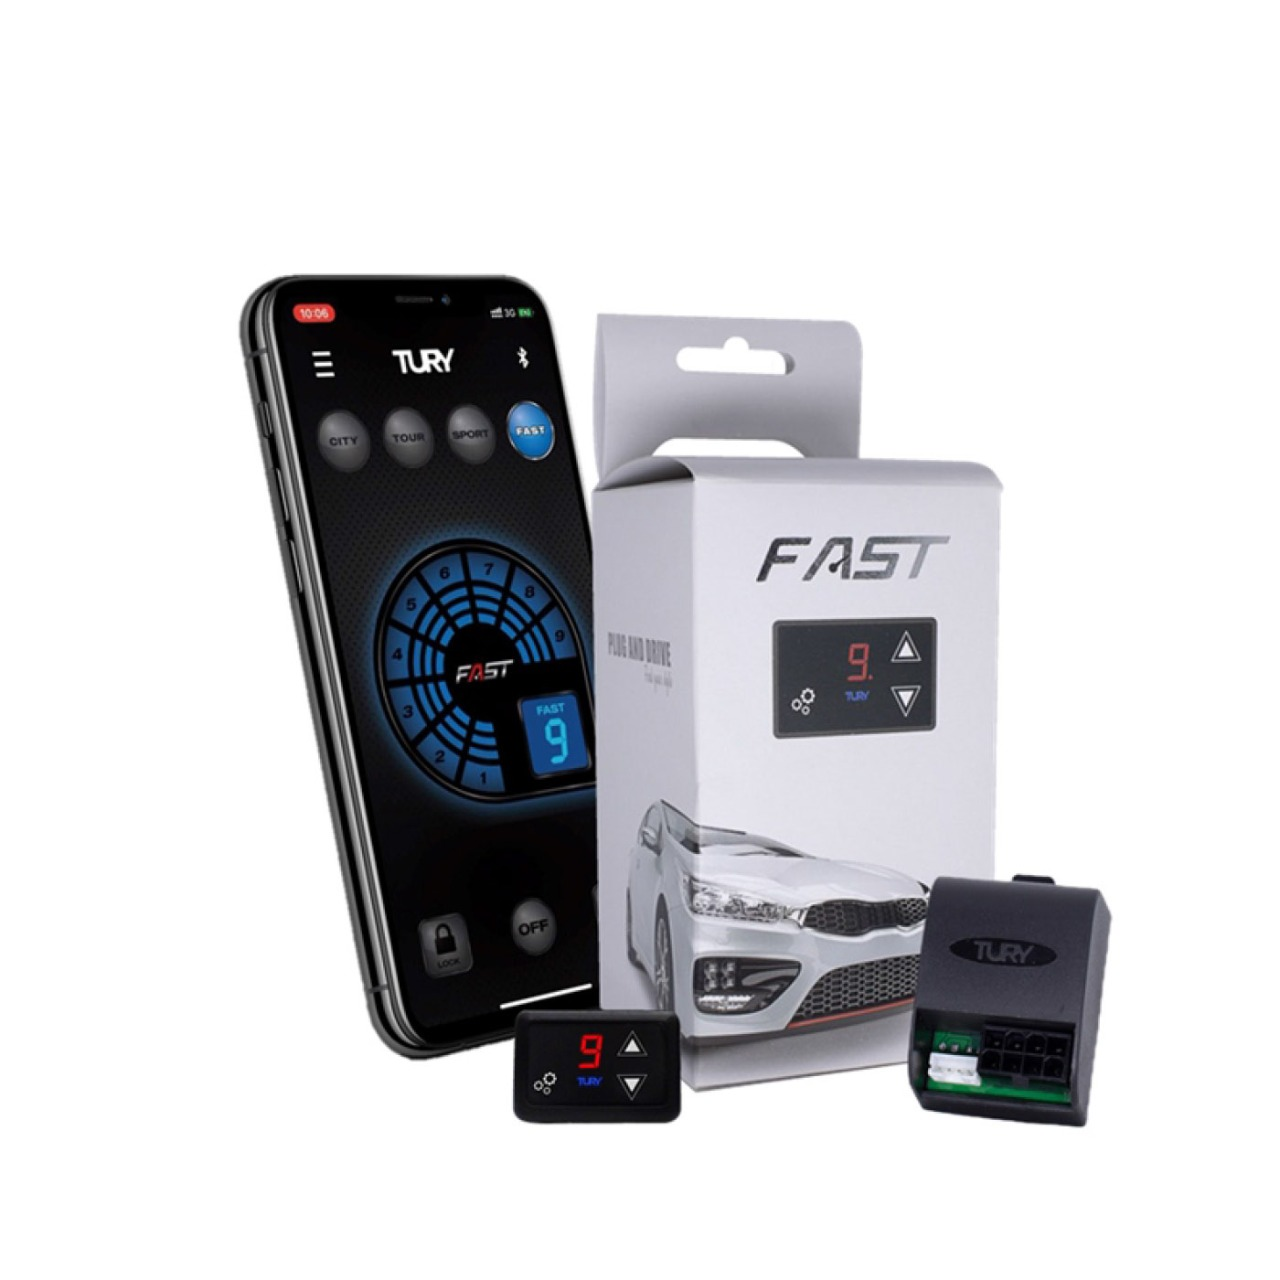 Módulo Acelerador Eletrônico para Ford Jeep Dodge Chrysler com Bluetooth FAST2.0H Tury